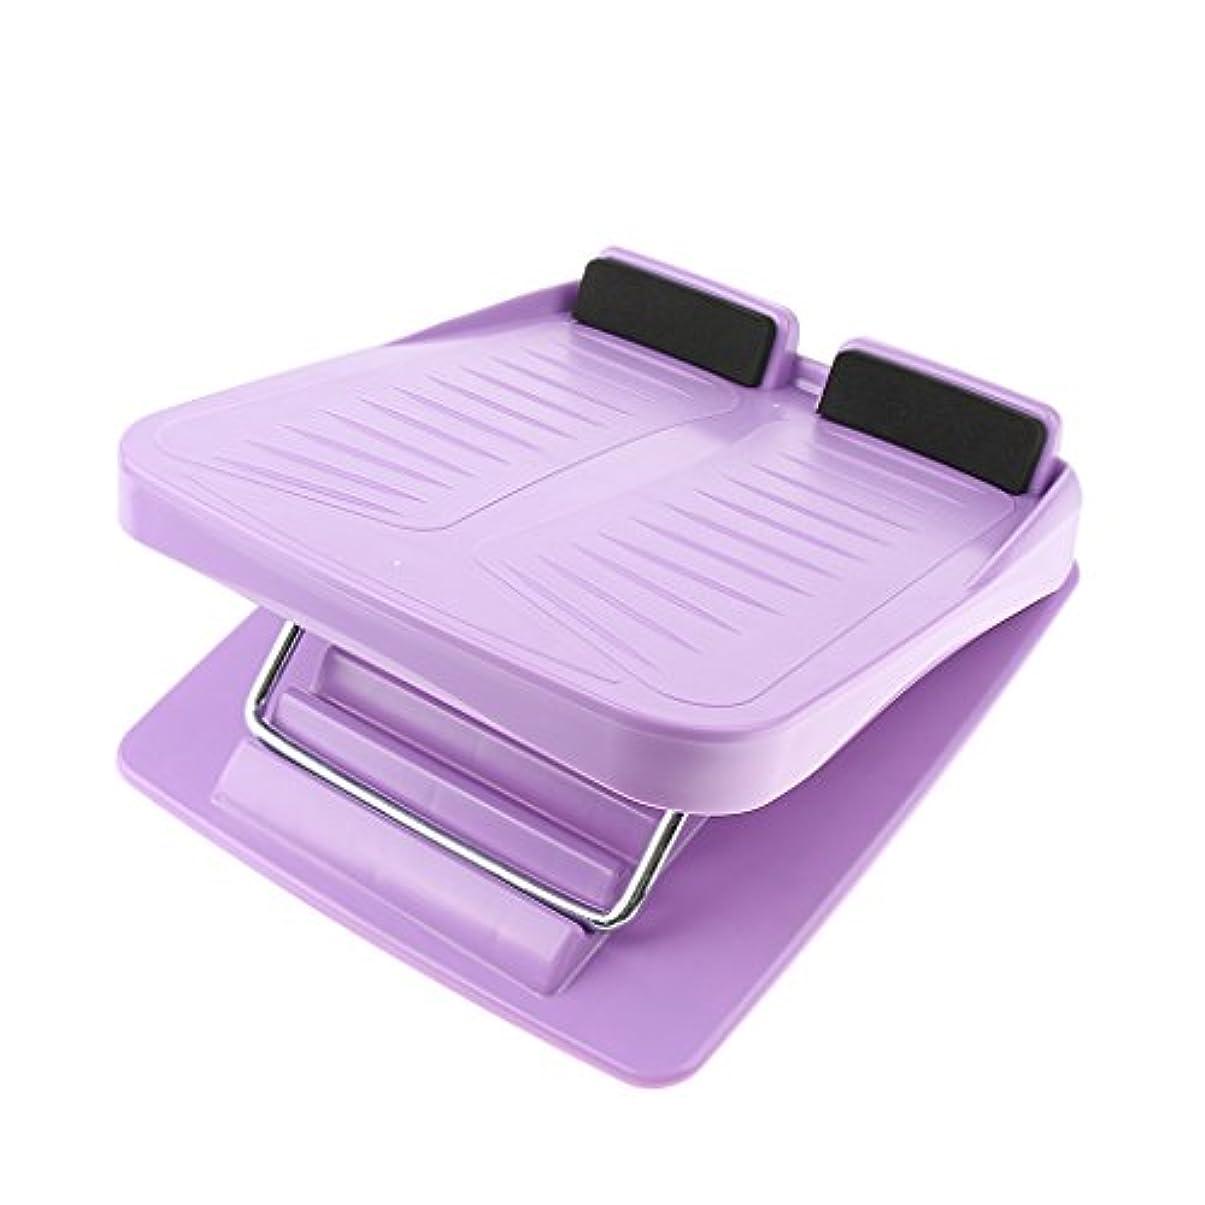 意図する吸収剤話をする3色 スラントボード アンチスリップ 調整可能 カーフストレッチ 斜面ボード ウェッジストレッチャー - 紫の